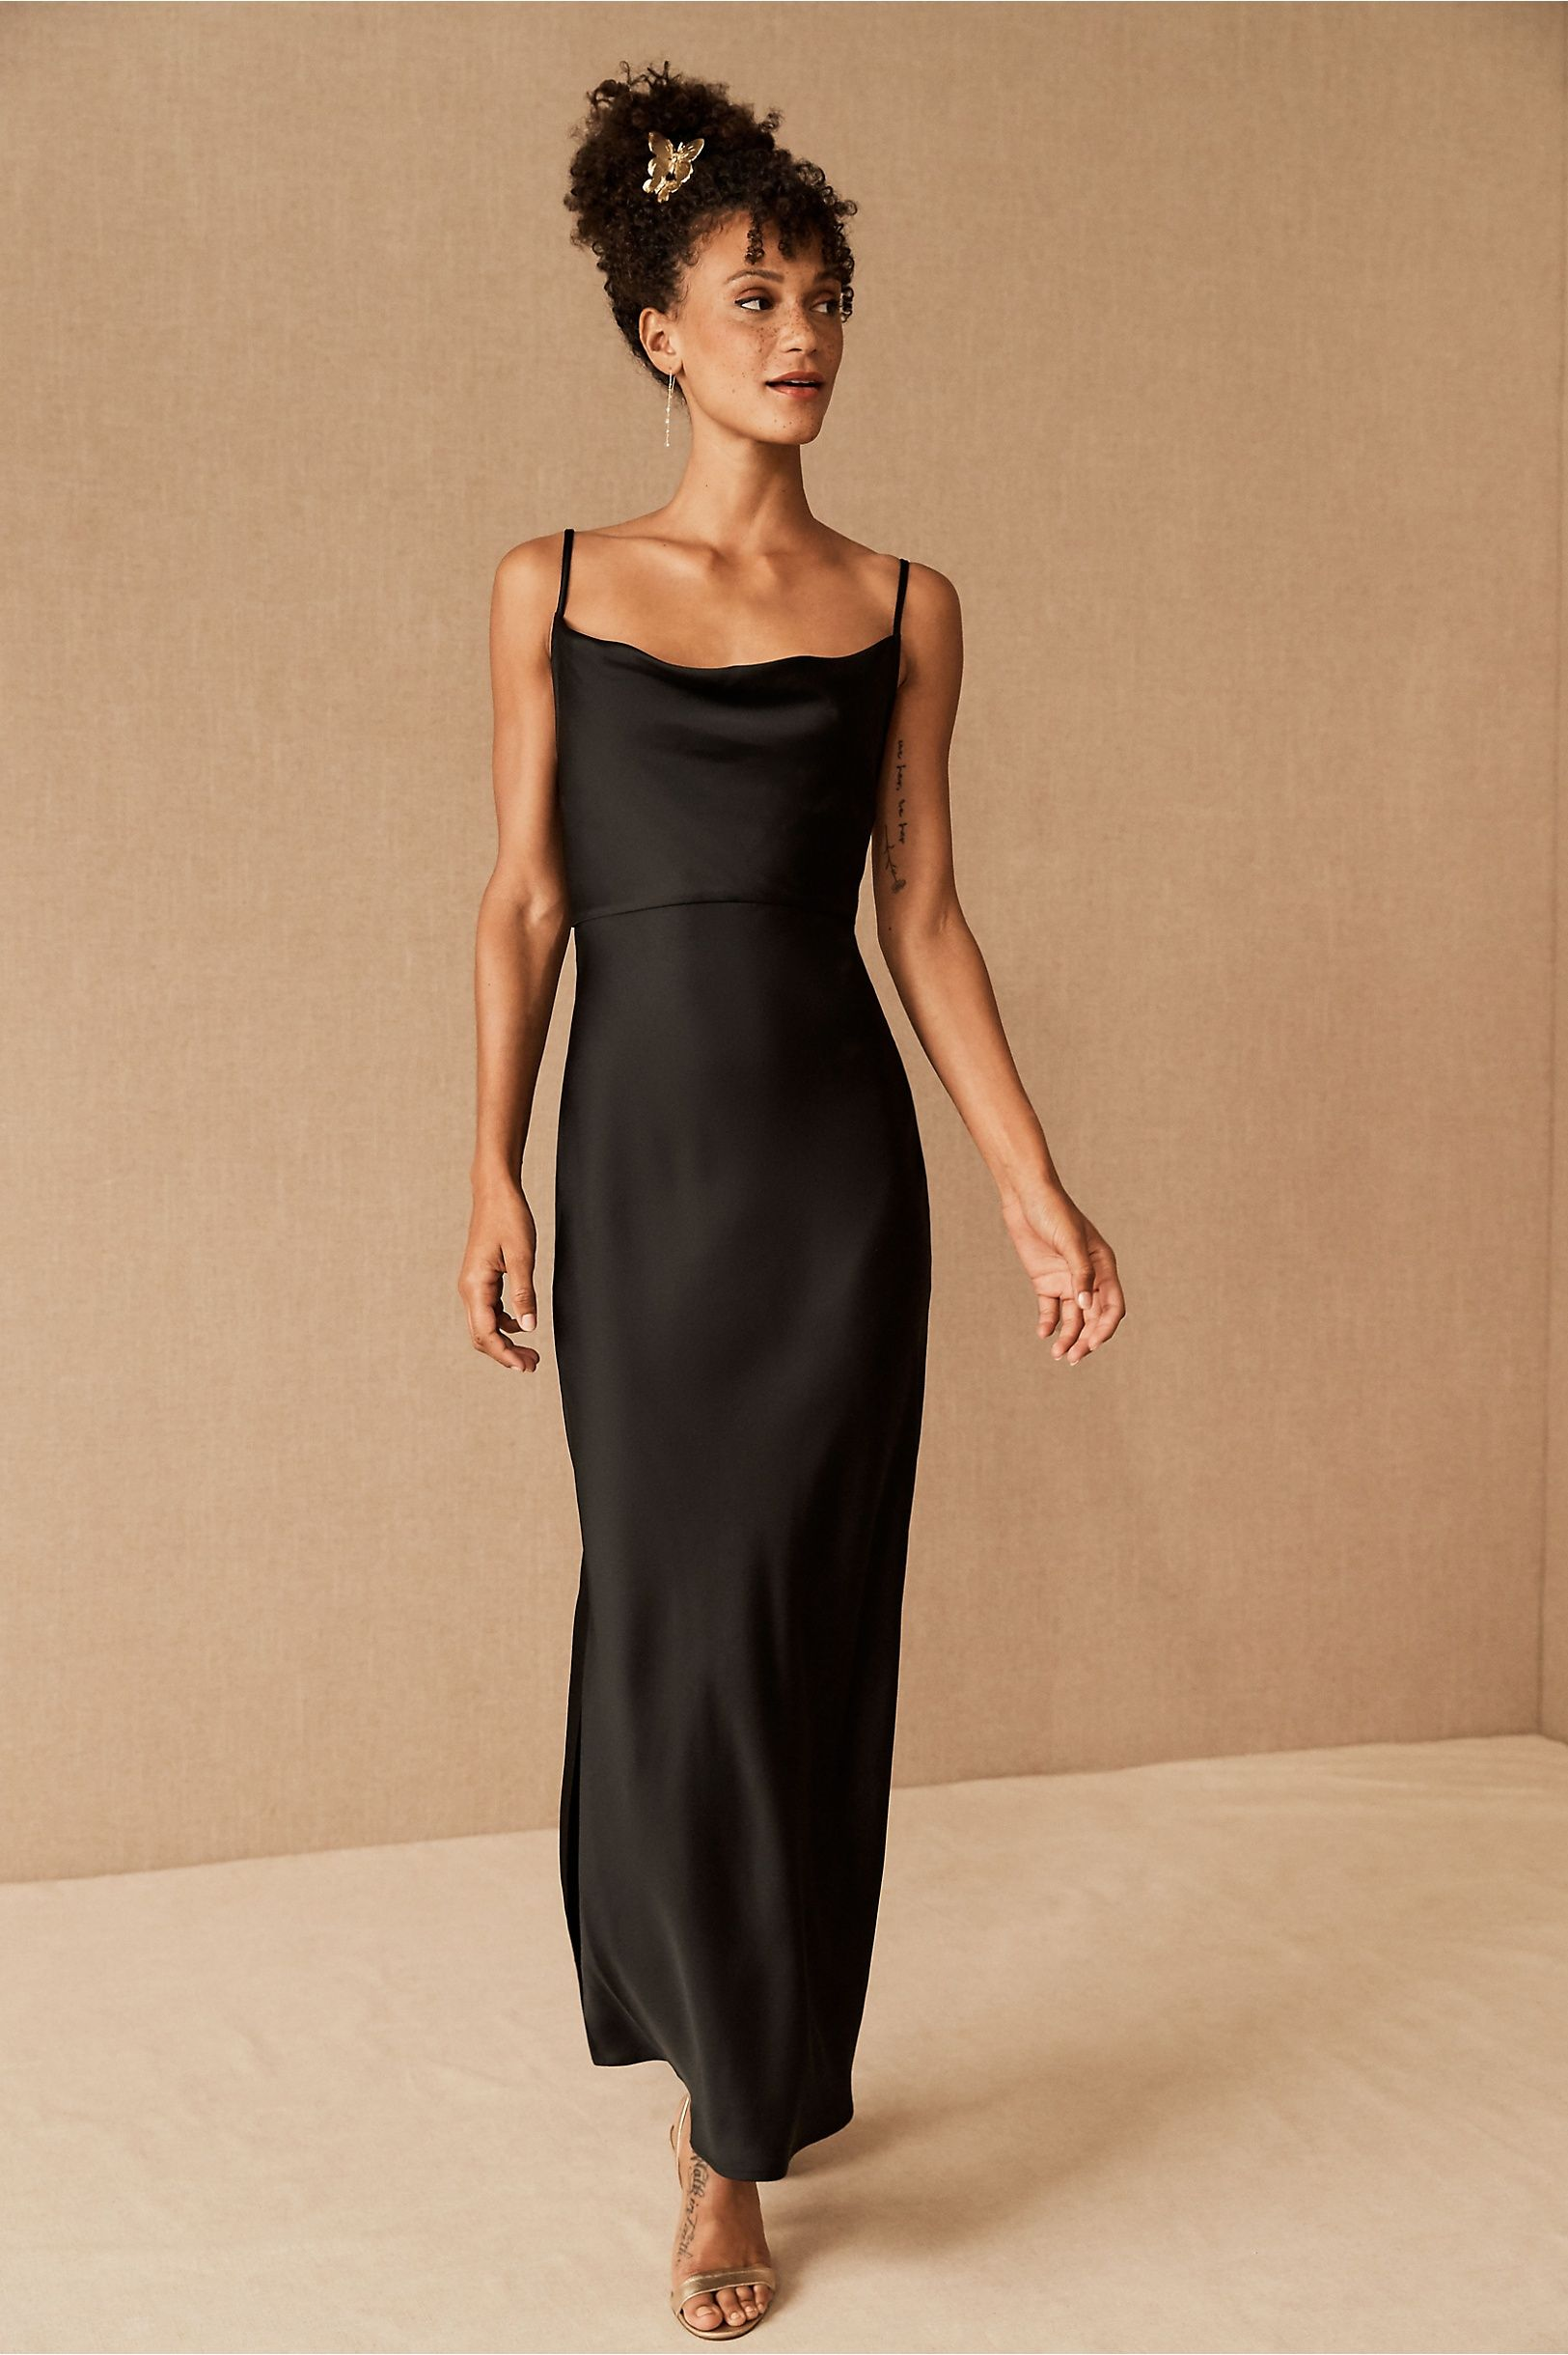 Cali Satin Charmeuse Midi Dress In 2021 Black Satin Bridesmaid Dress Black Bridesmaid Dresses Black Bridesmaid Dresses Long [ 2440 x 1625 Pixel ]